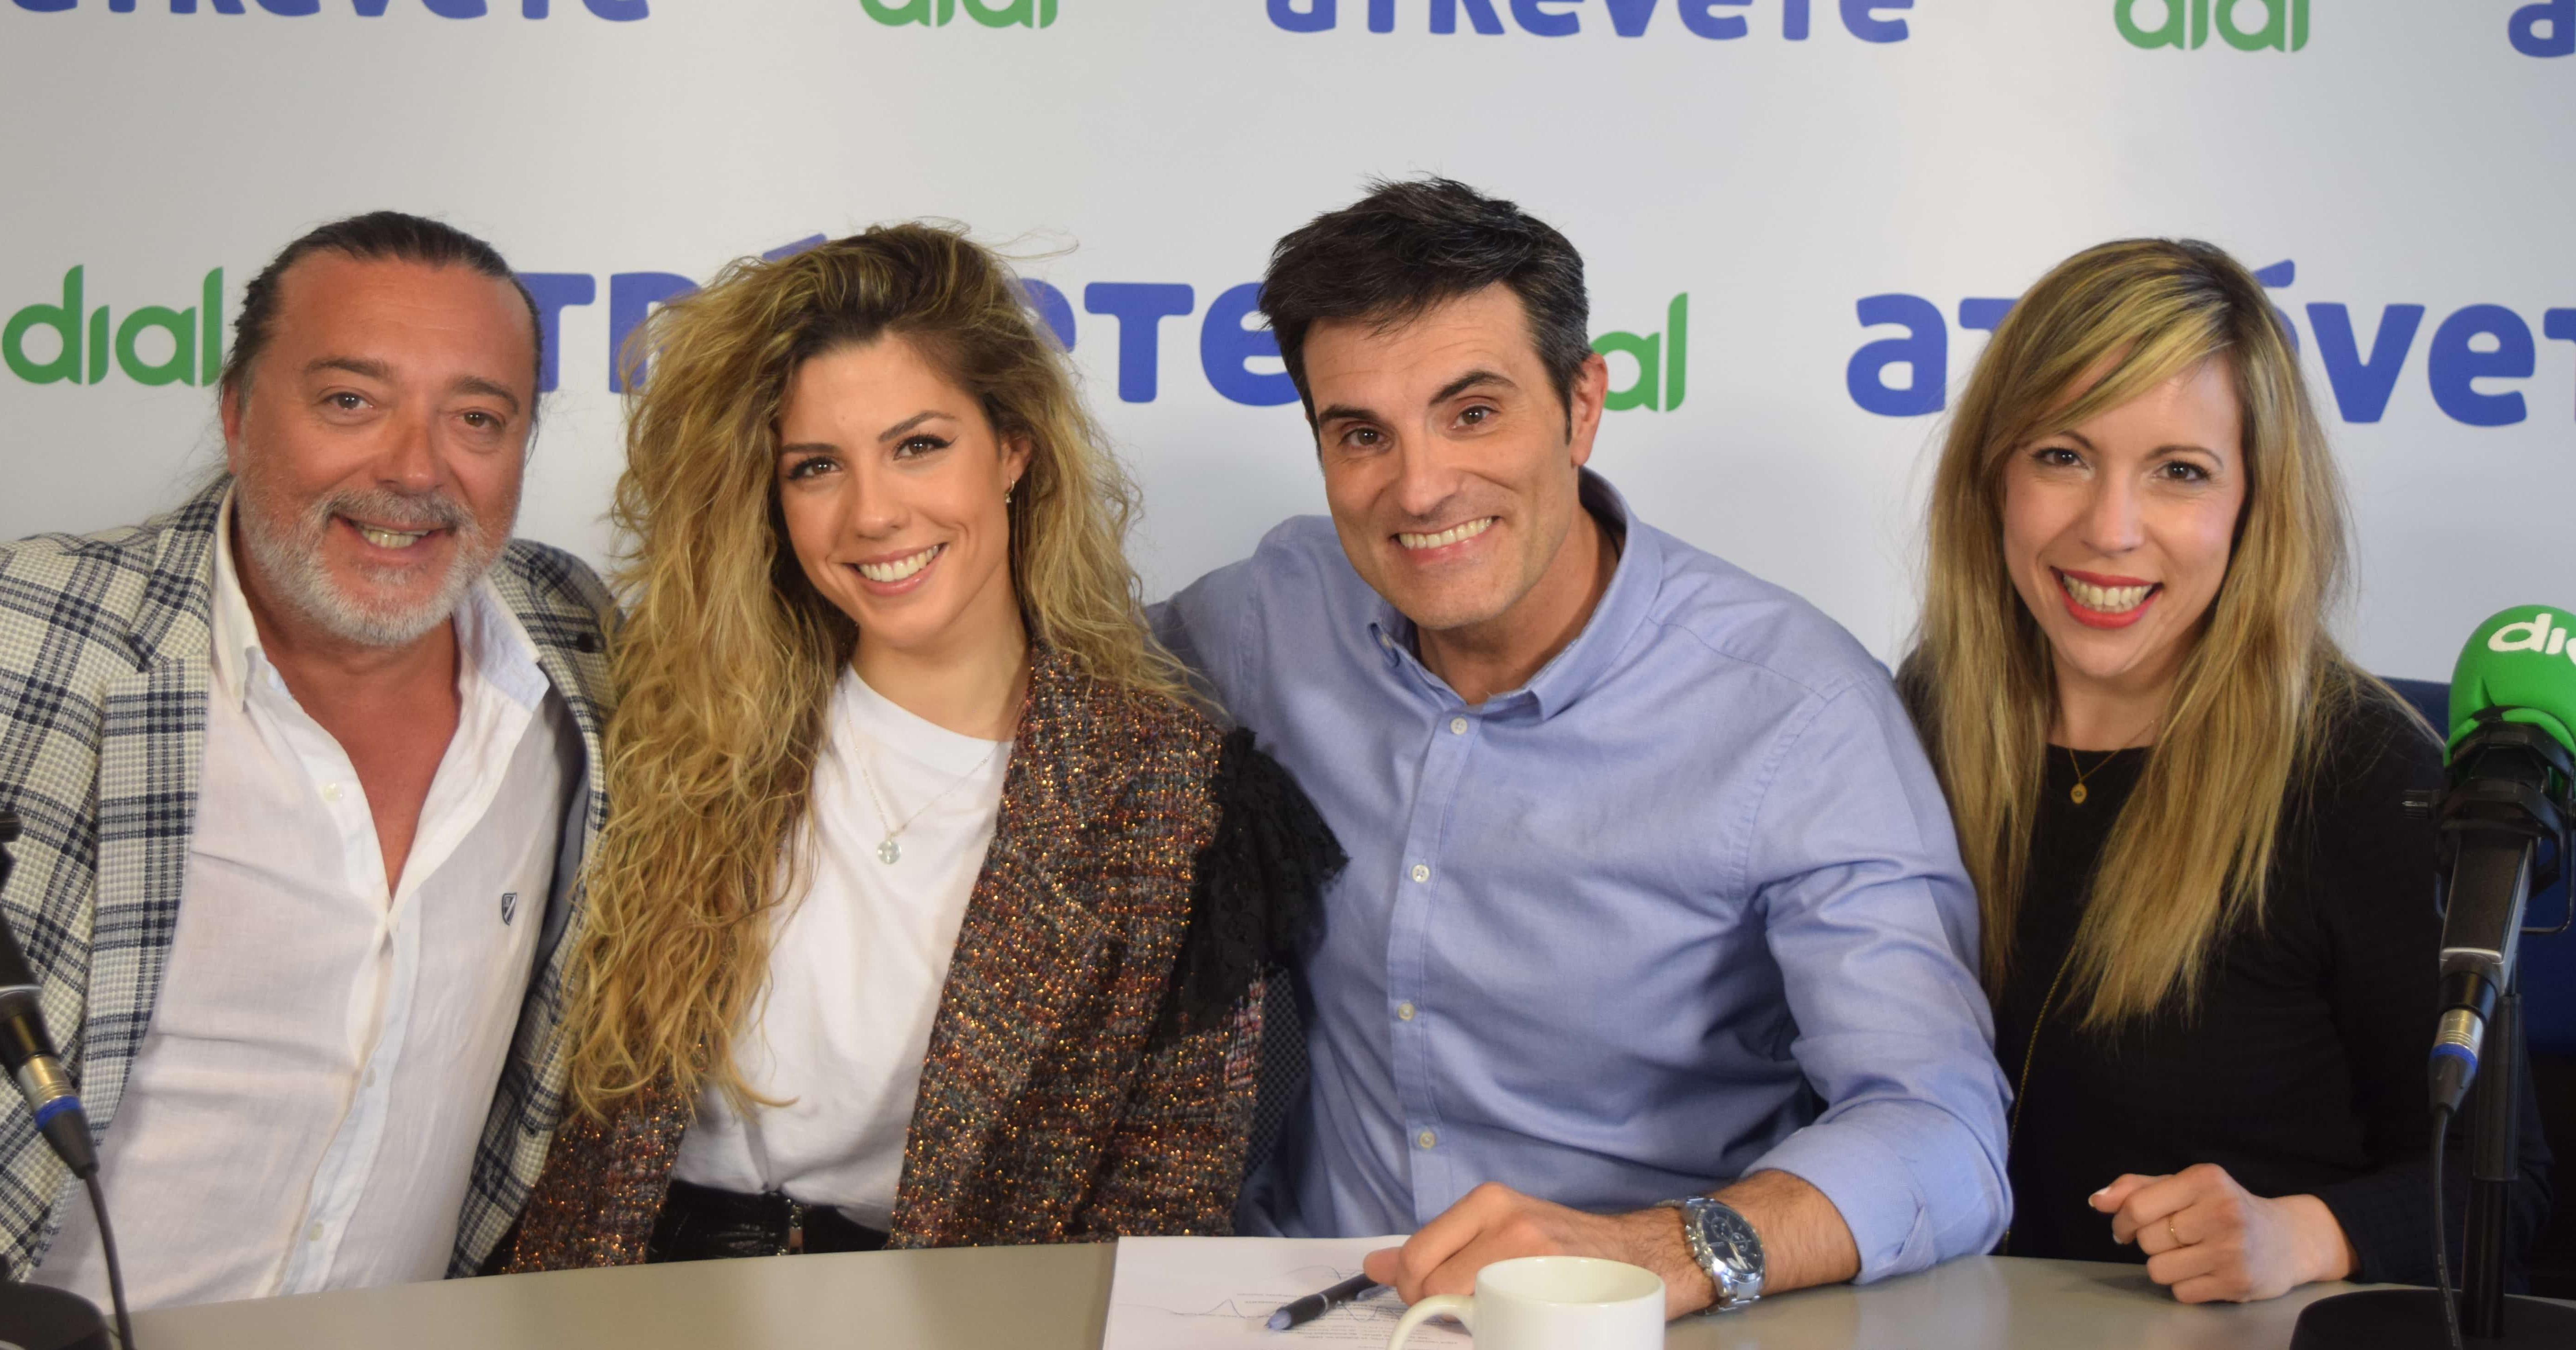 """Miriam Rodríguez y su """"Desperté"""" visitan Atrévete"""